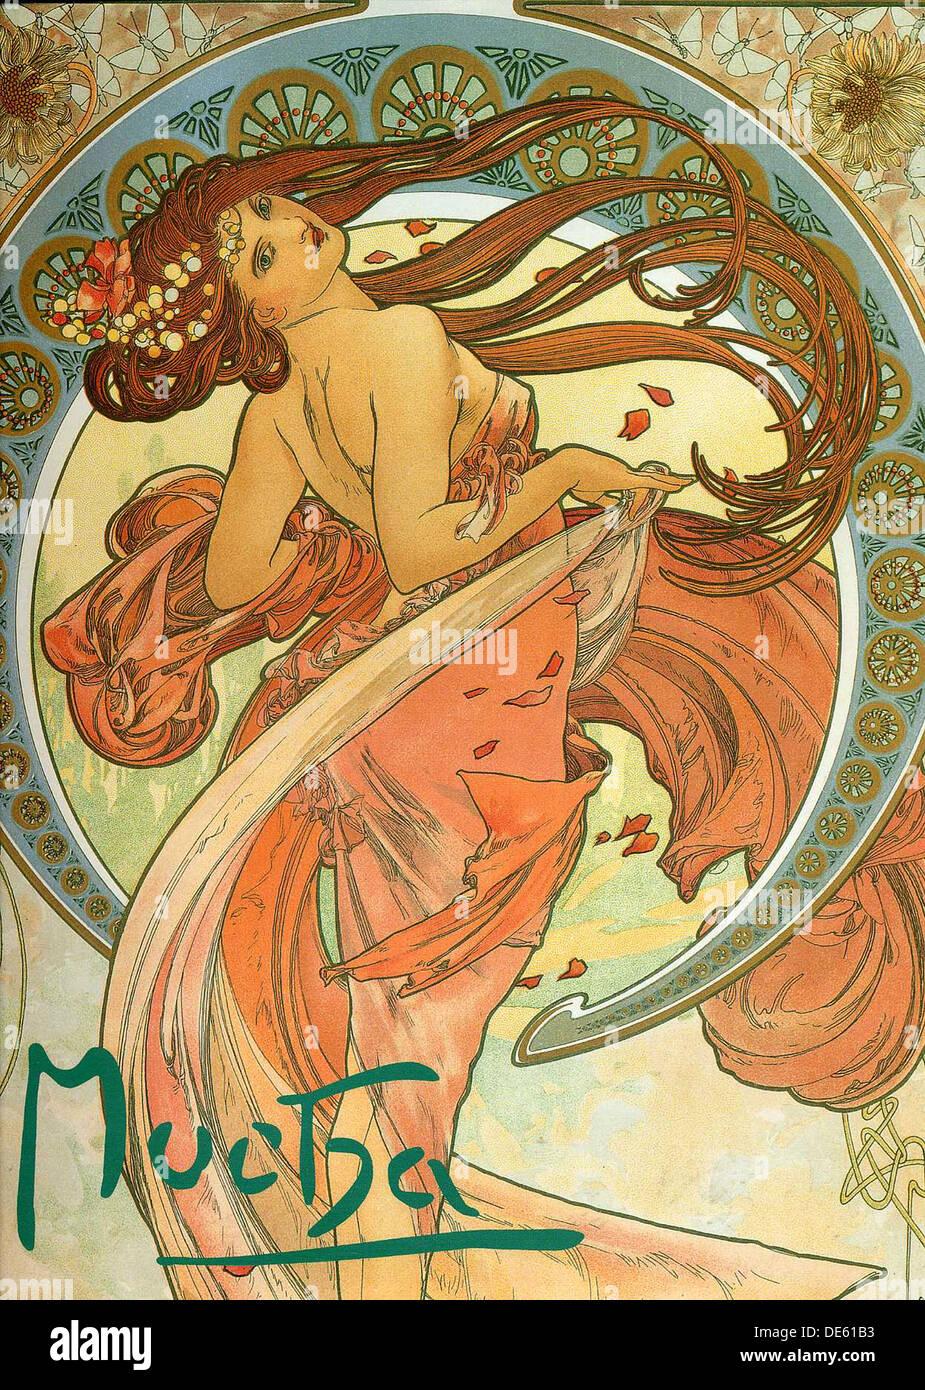 Tanz (aus der Serie The Arts), 1898. Künstler: Mucha, Alfons Marie (1860-1939) Stockfoto